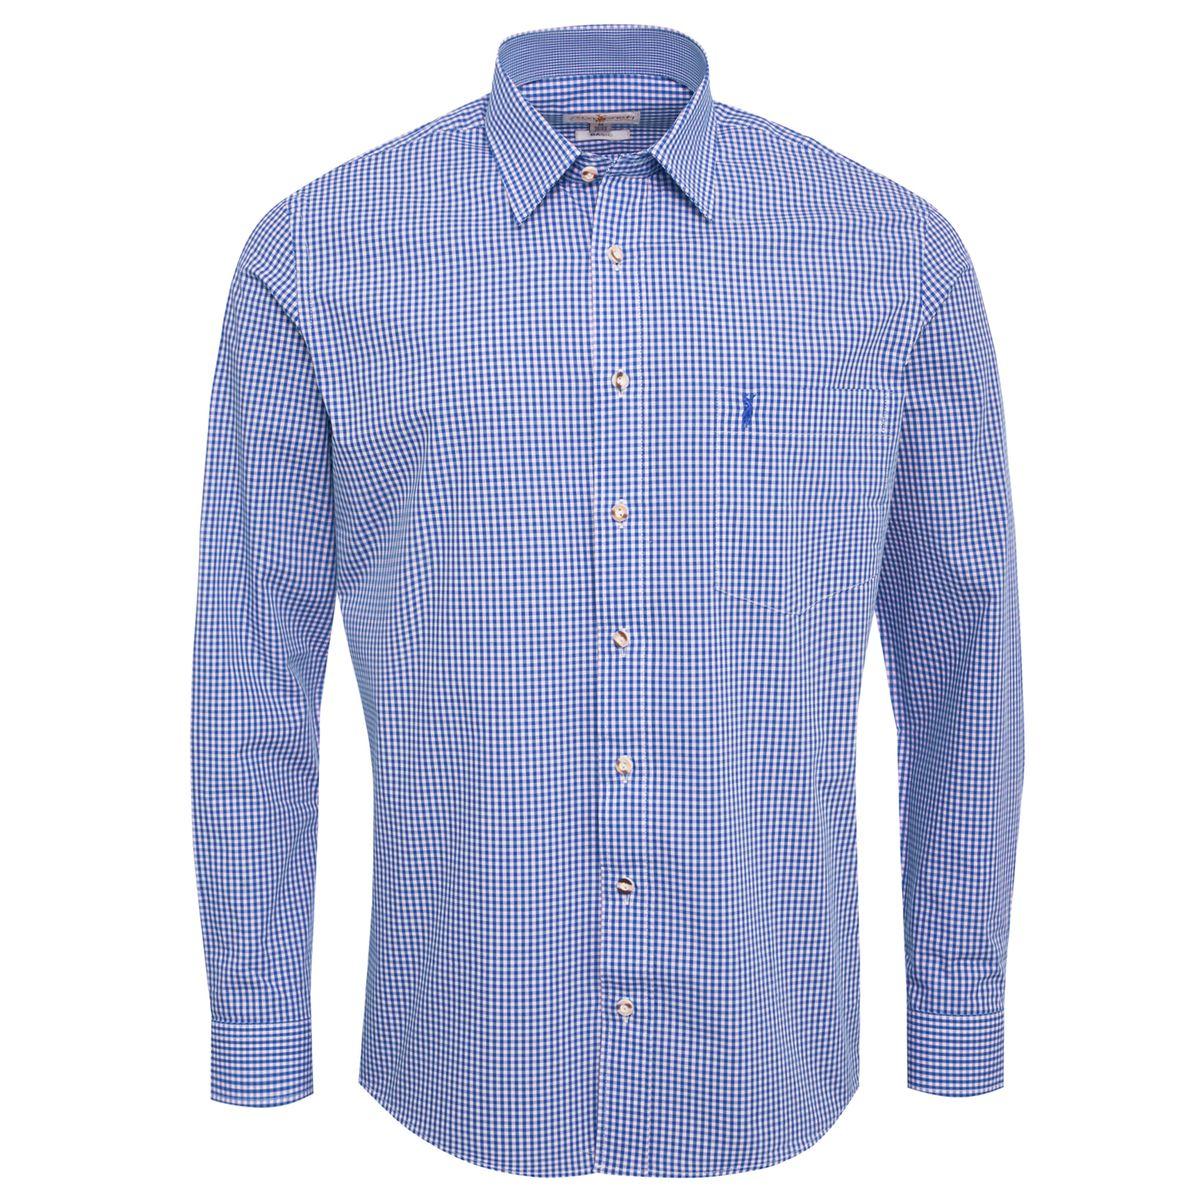 Trachtenhemd Ludwig Regular Fit in Blau von Almsach günstig online kaufen